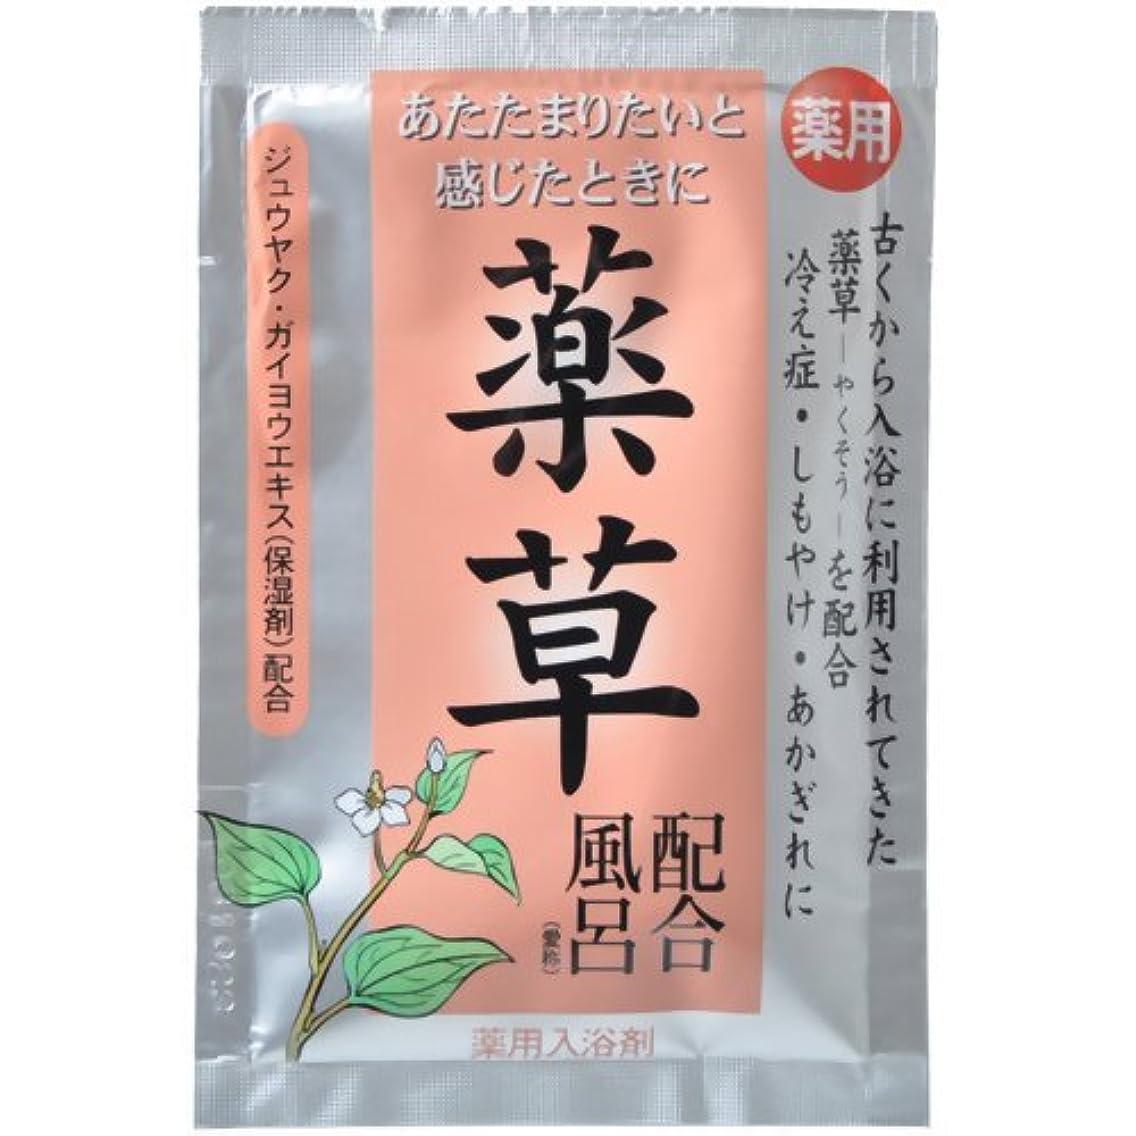 同志シャベルゴール古風植物風呂 薬草配合風呂 25g(入浴剤)